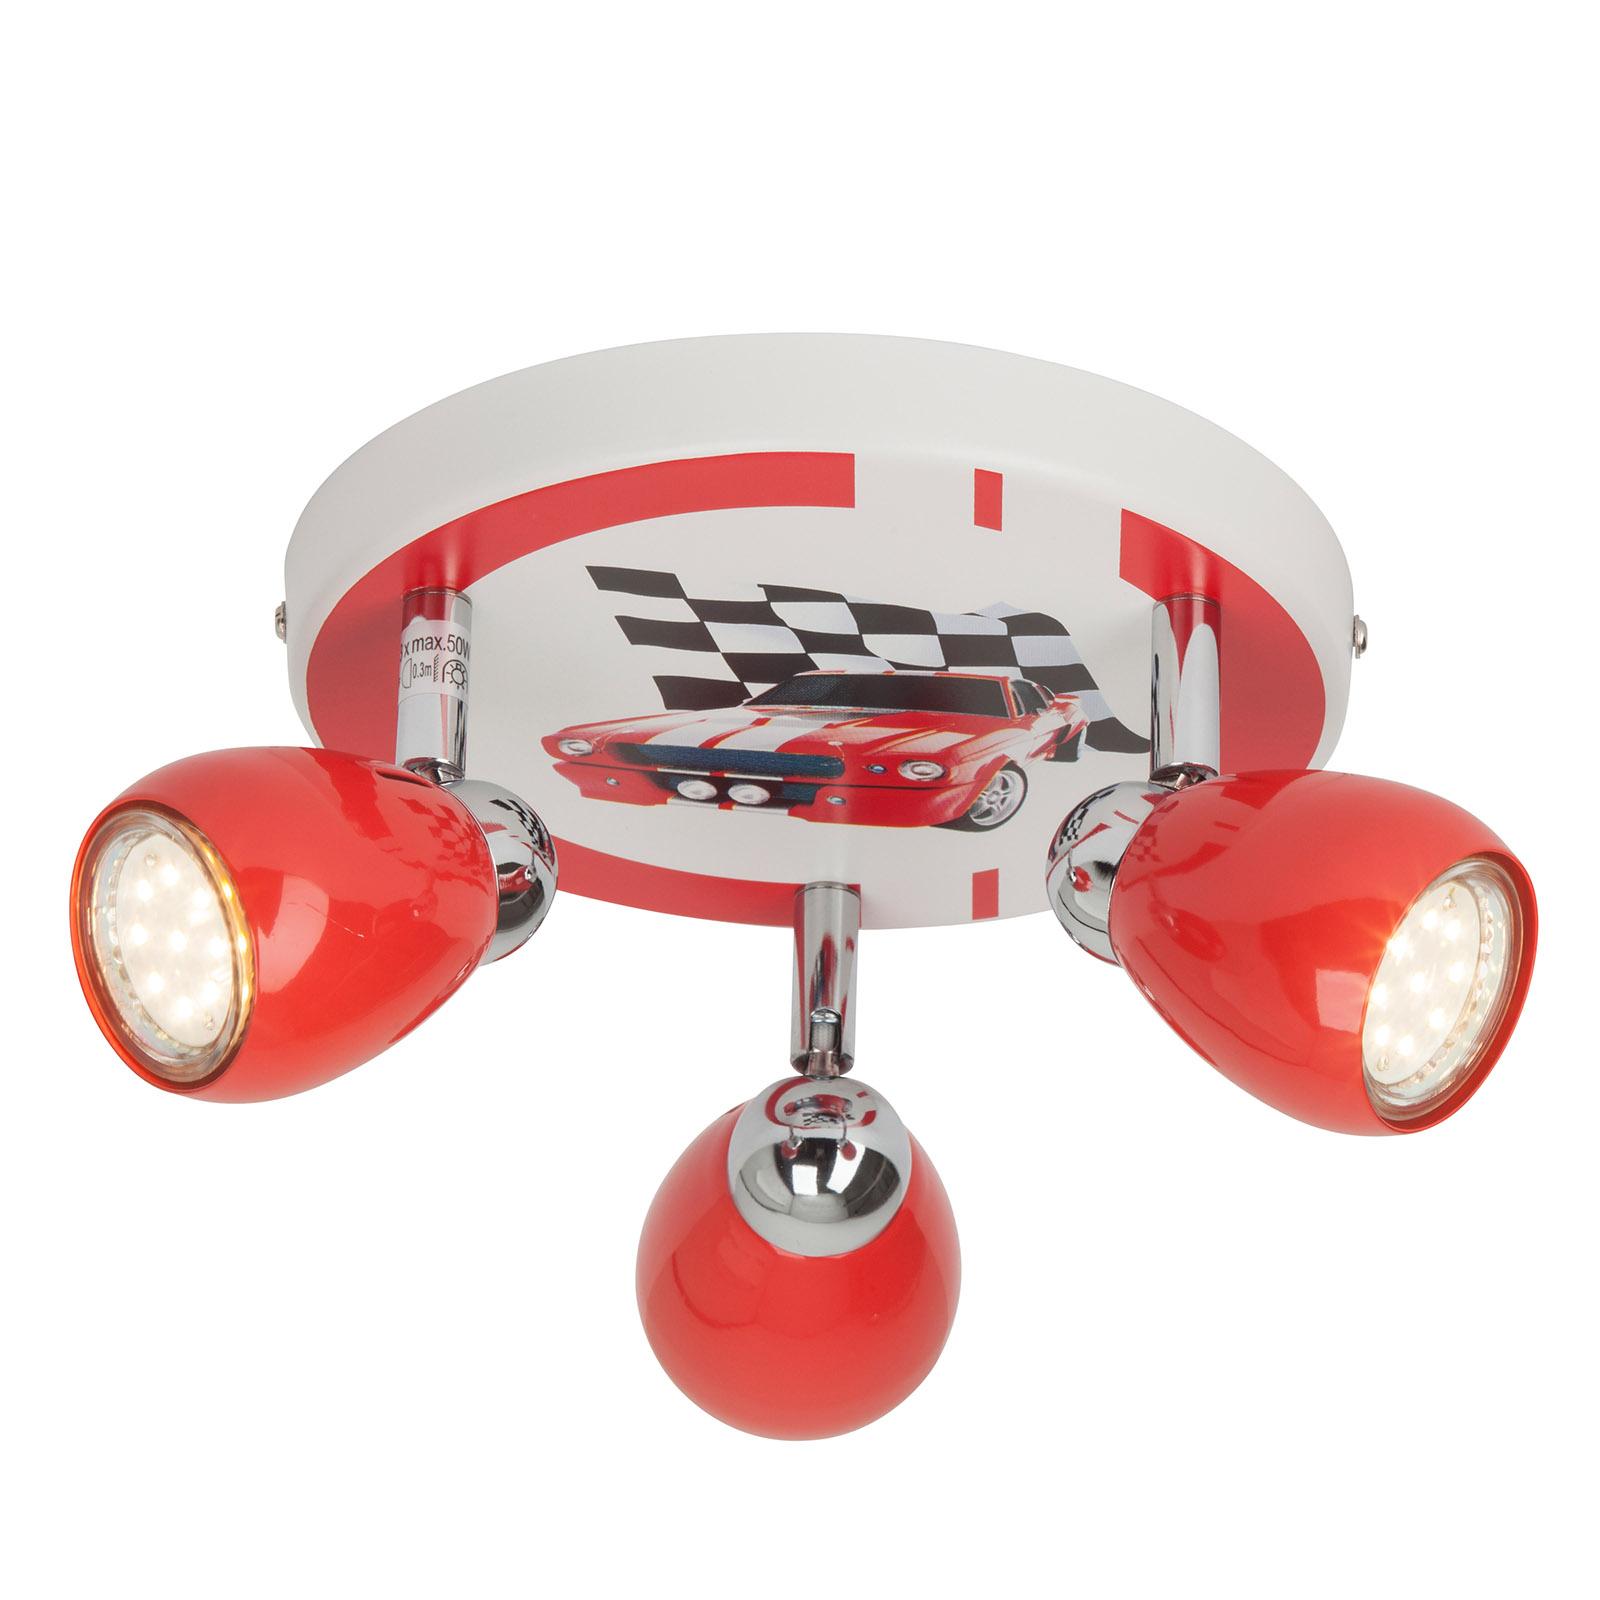 Racing-LED-kattovalaisin, kolmilamppuinen